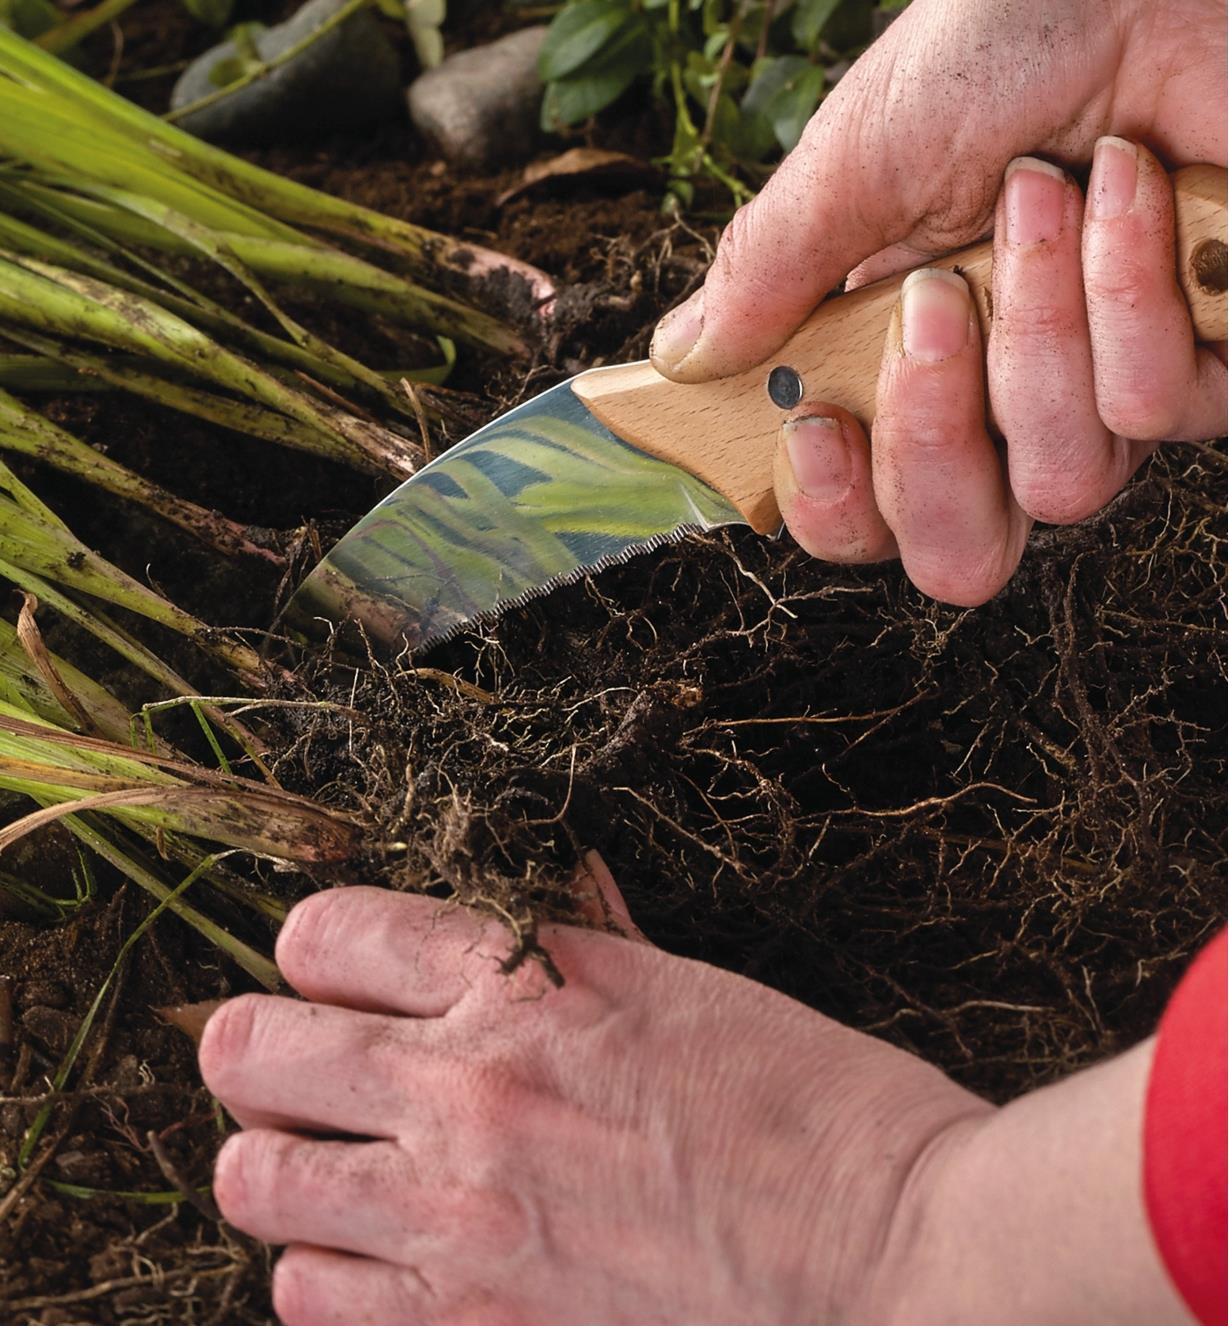 Couteau coupe-racines coupant des racines pour diviser une plante